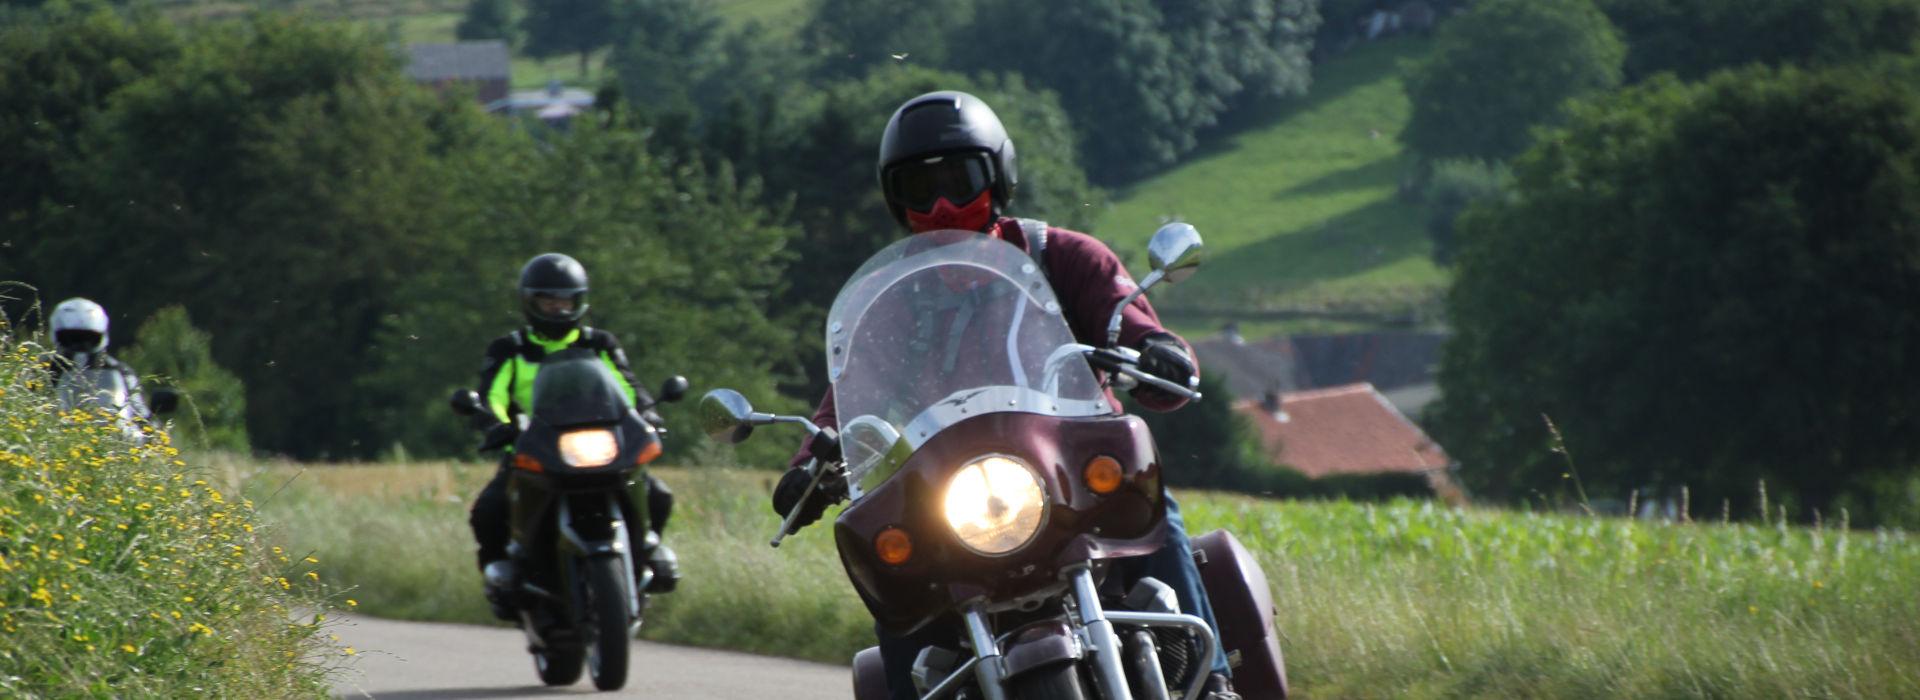 Motorrijschool Motorrijbewijspoint Hoofddorp motorrijlessen